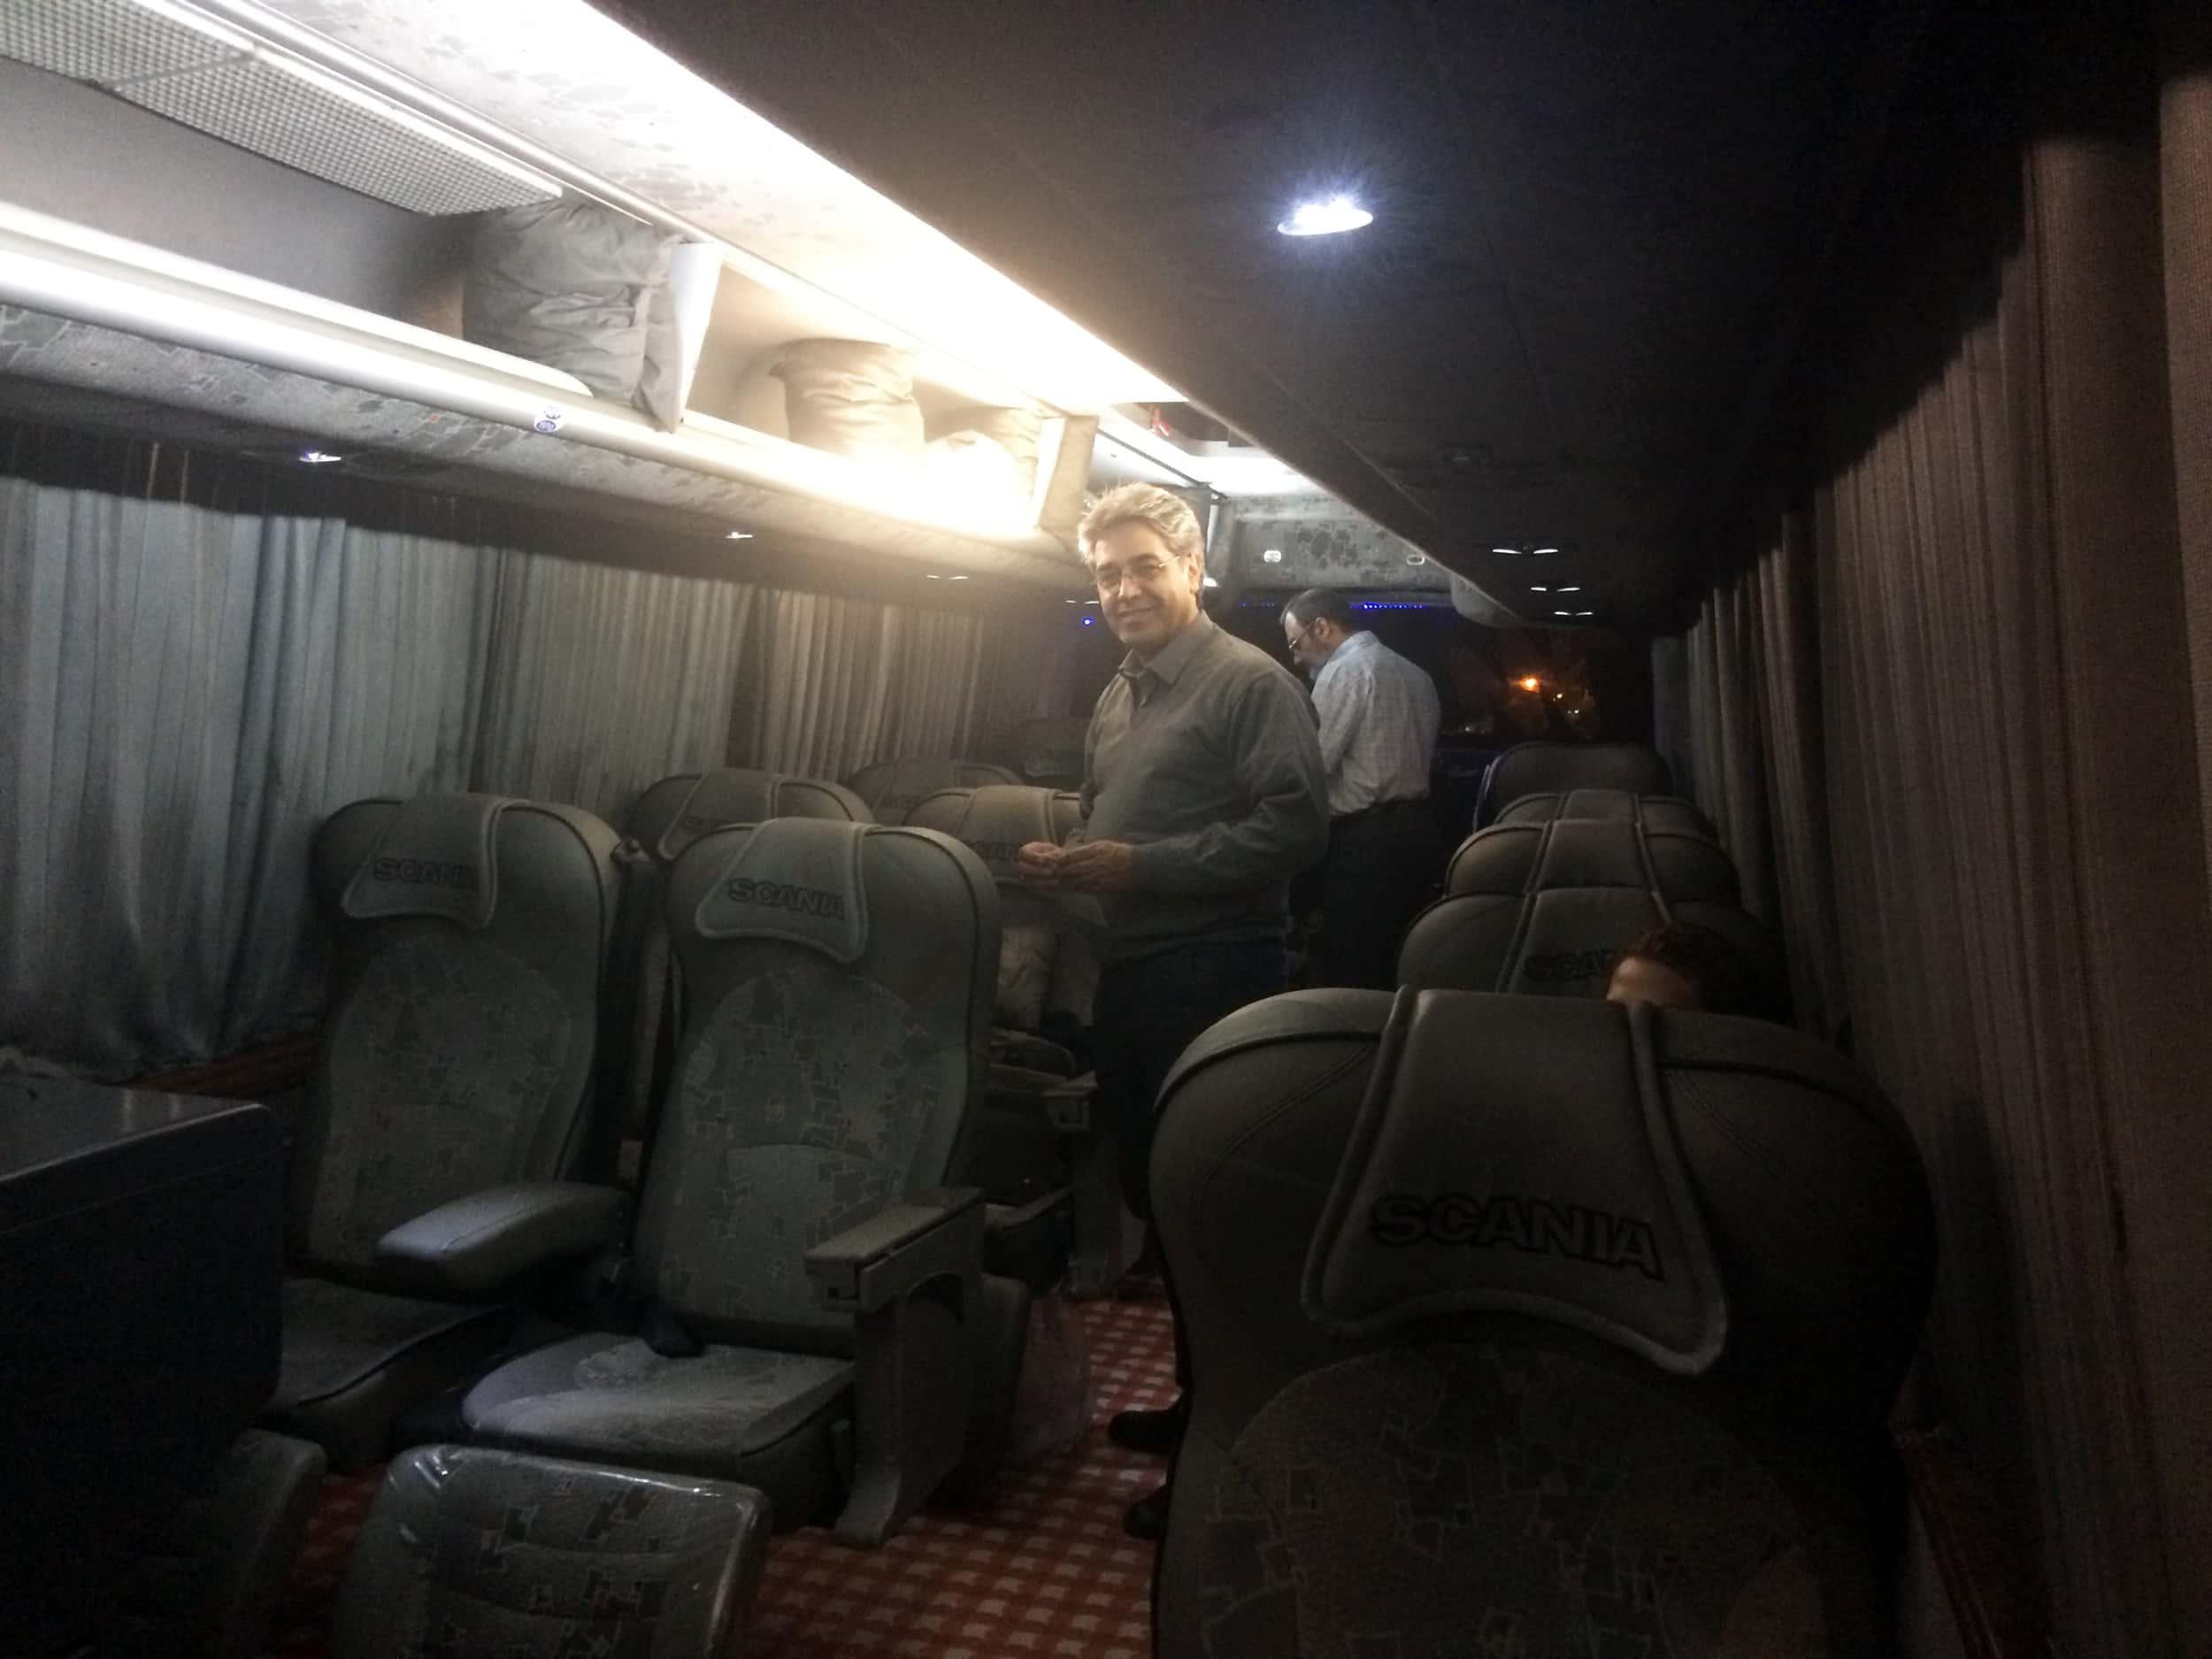 Іран. Фото автобуса зсередини